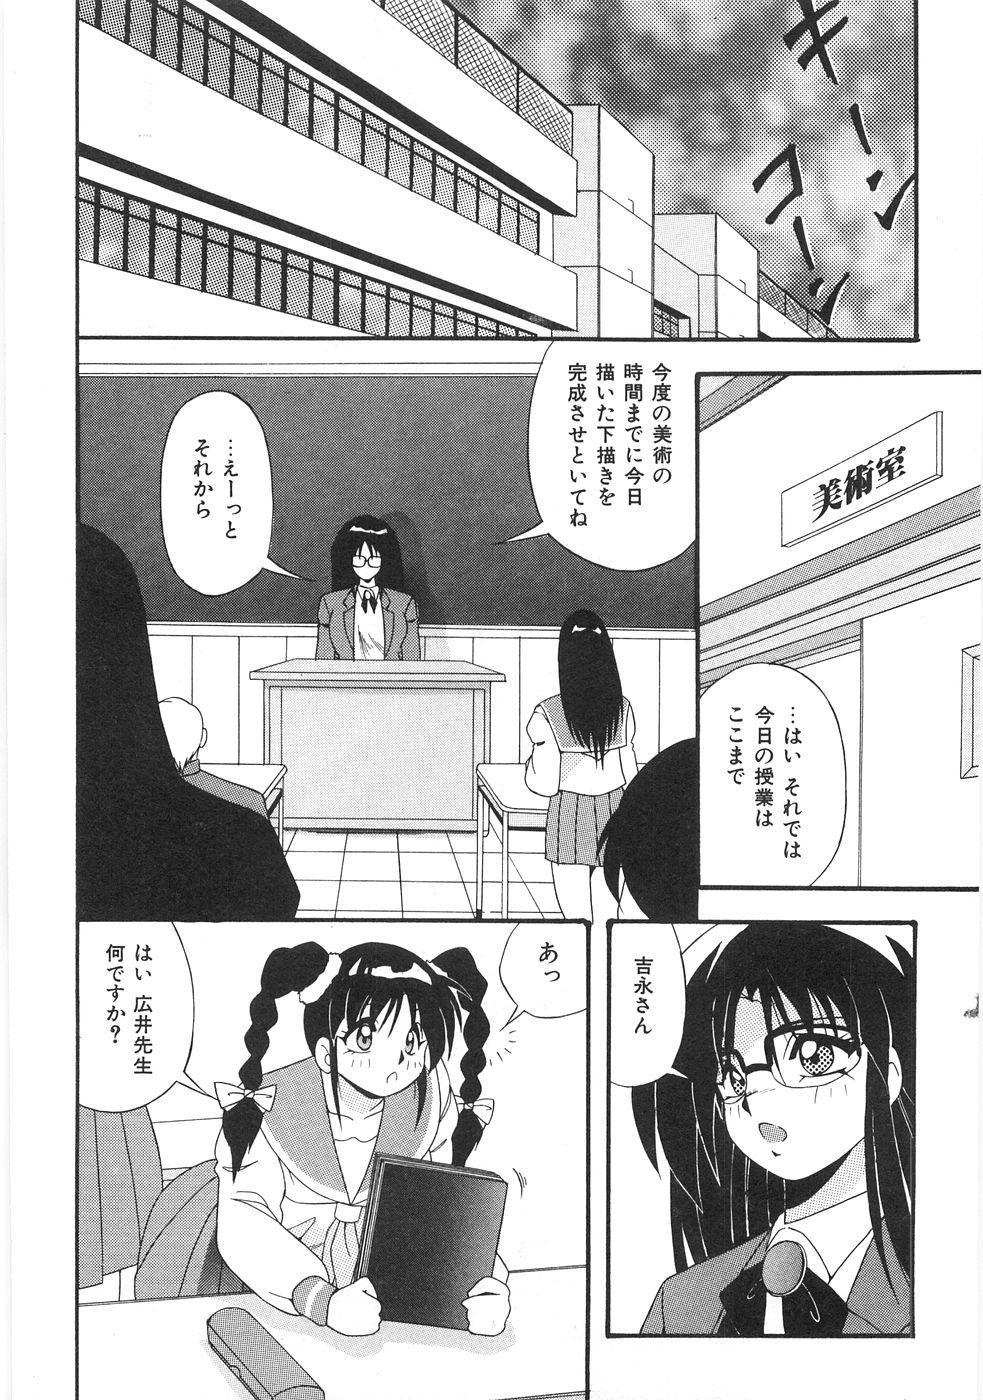 Seifuku Zukan Tenshi no Mitsugi 102